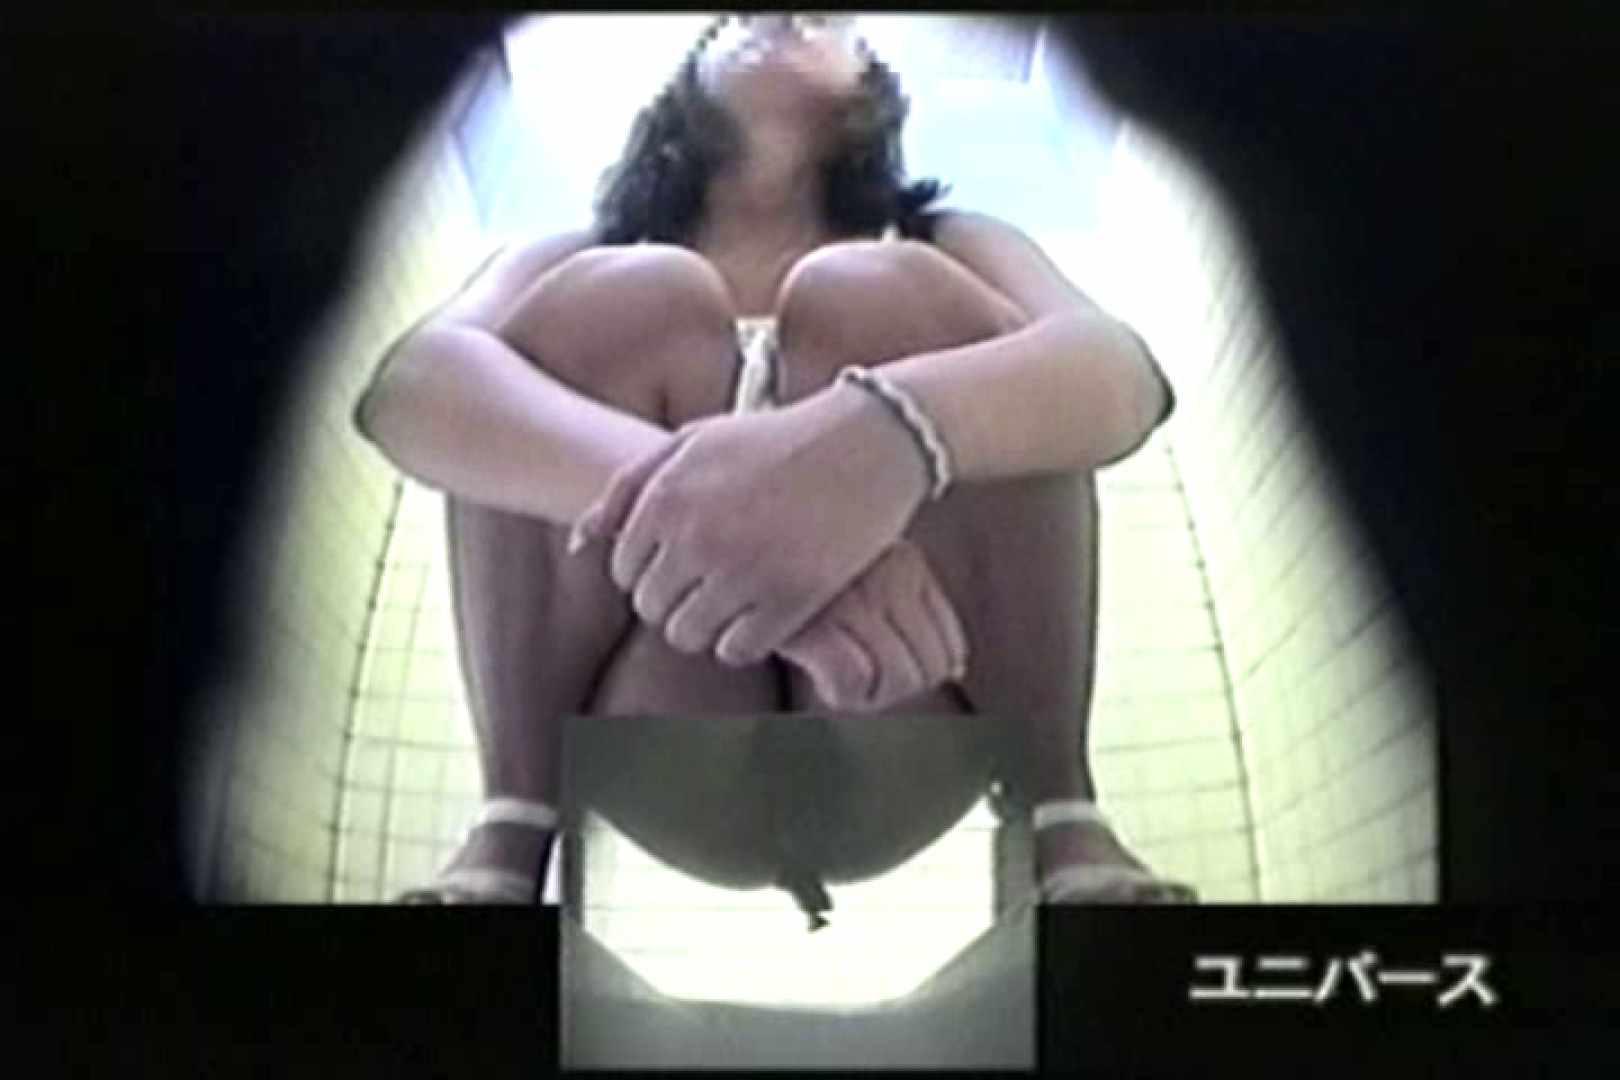 下半身シースルー洗面所Vol.2 ギャル | OLヌード天国  69PIX 45